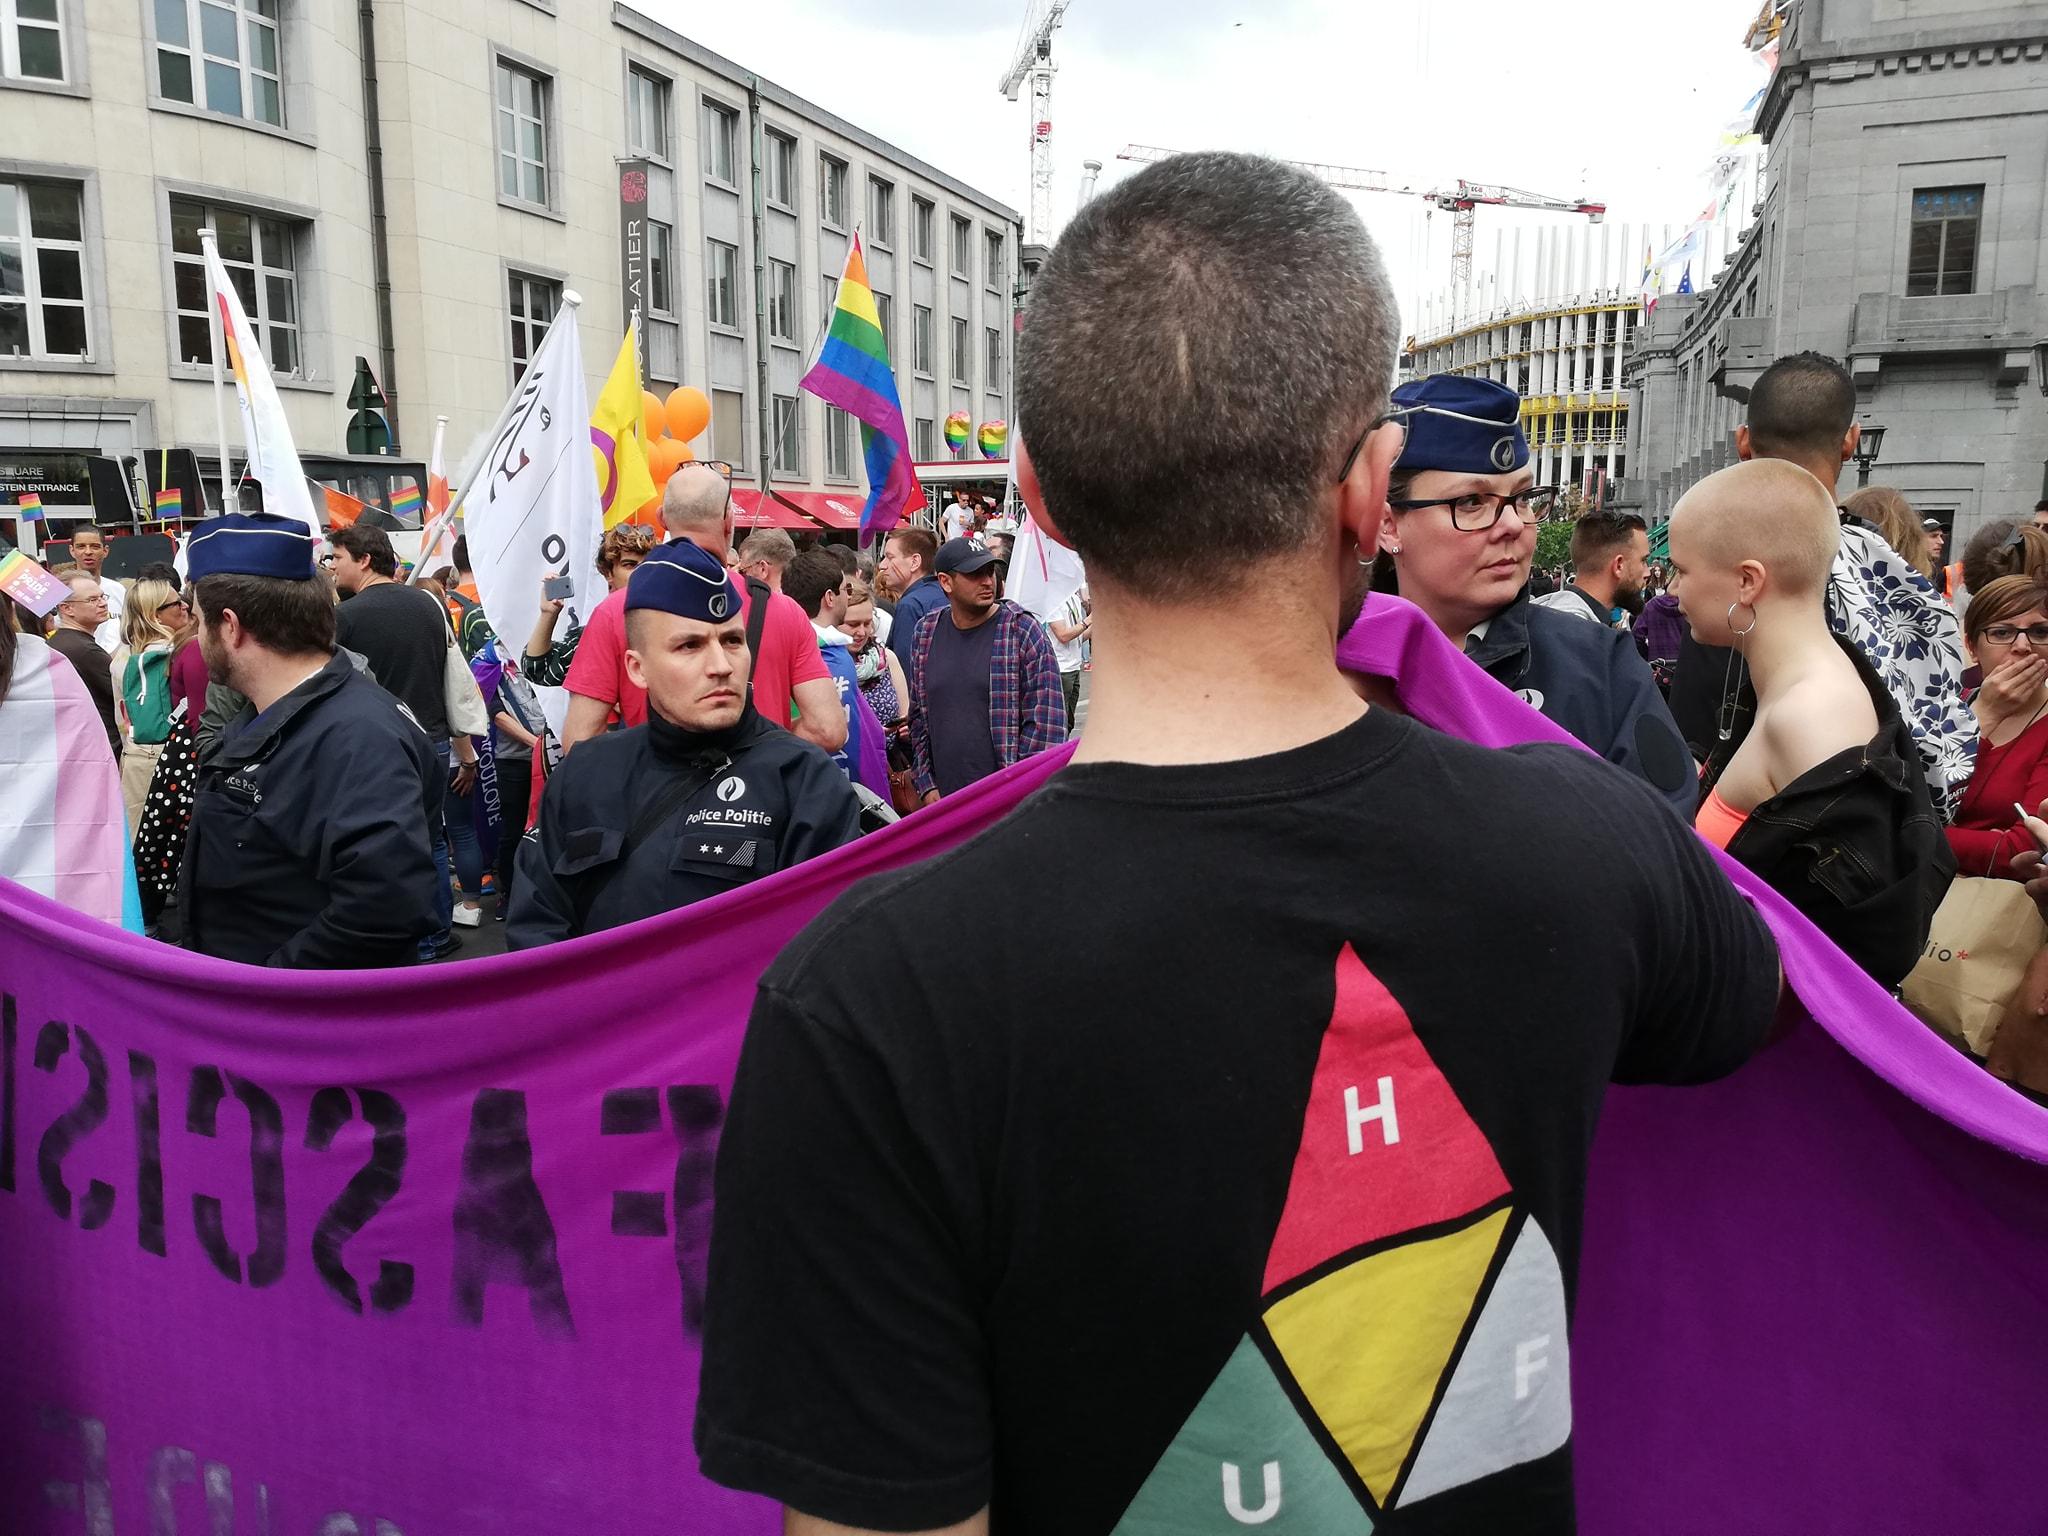 Répression policière de Reclaim the Pride